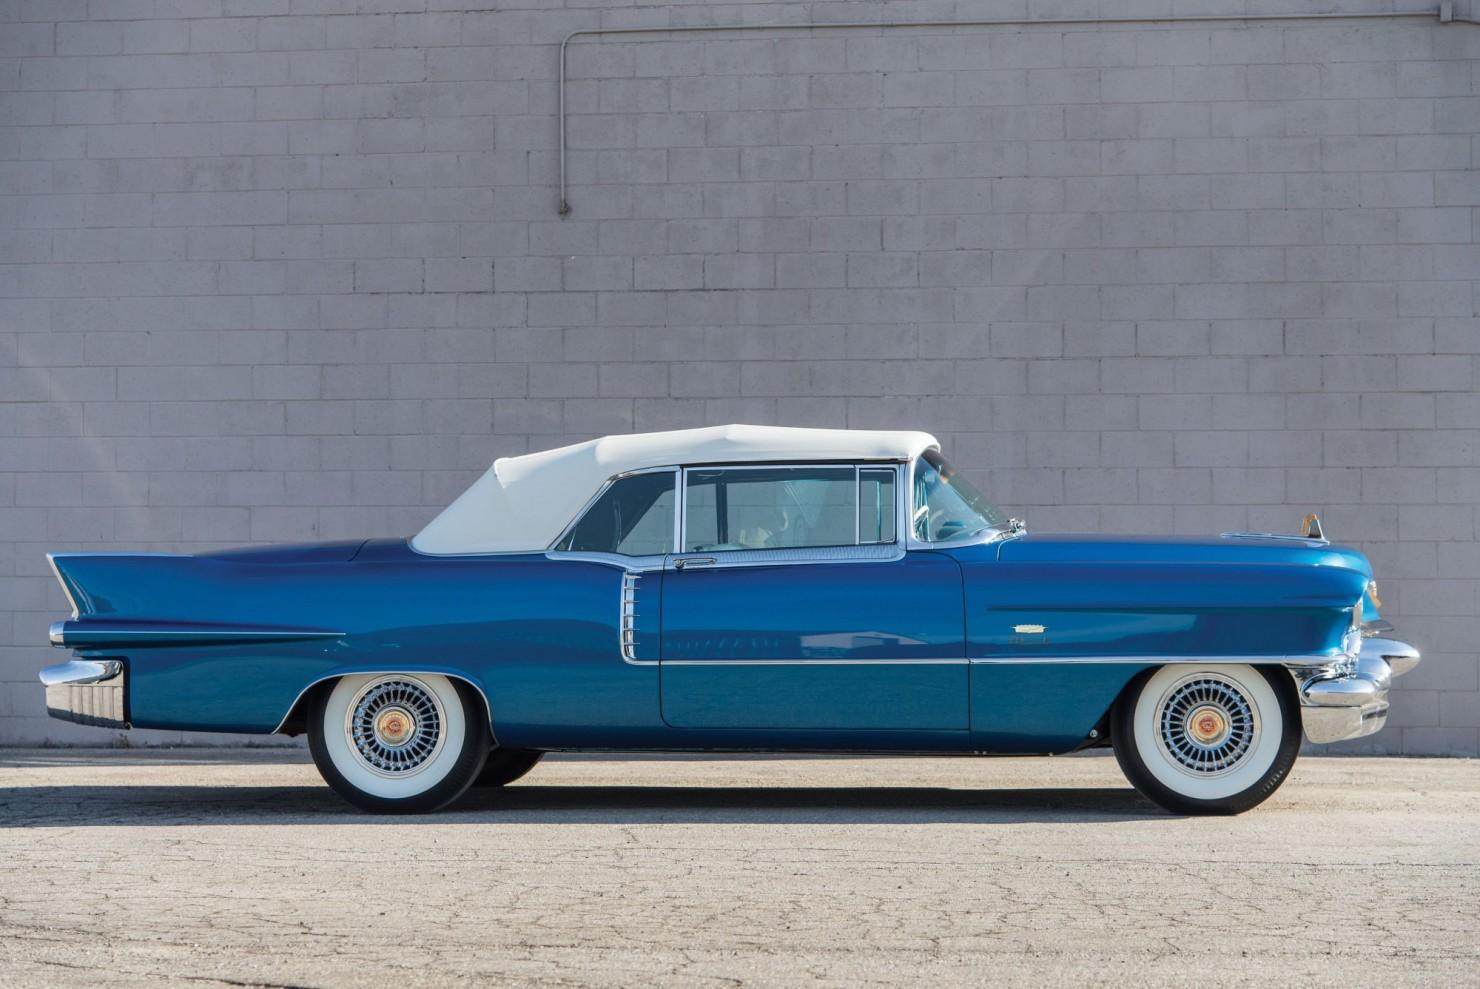 Cadillac-Eldorado-Car-2